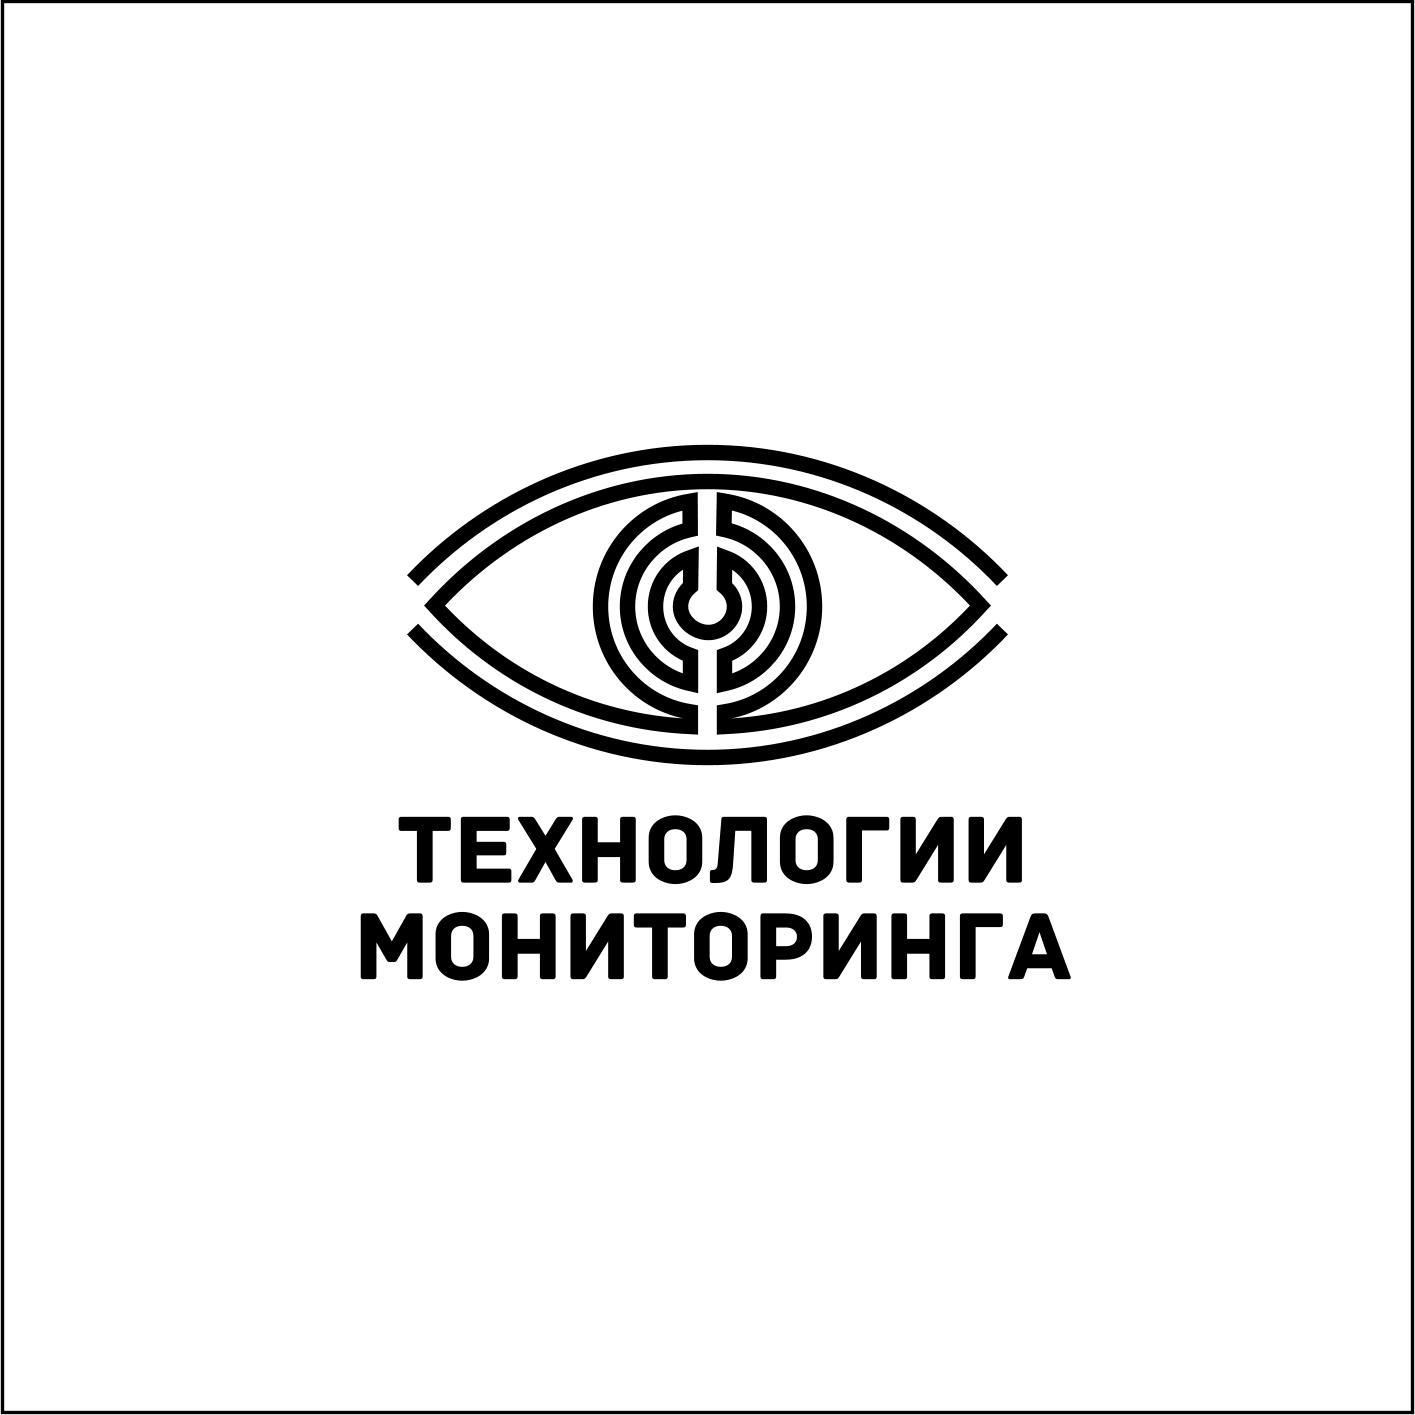 Разработка логотипа фото f_5505971129fa723f.jpg